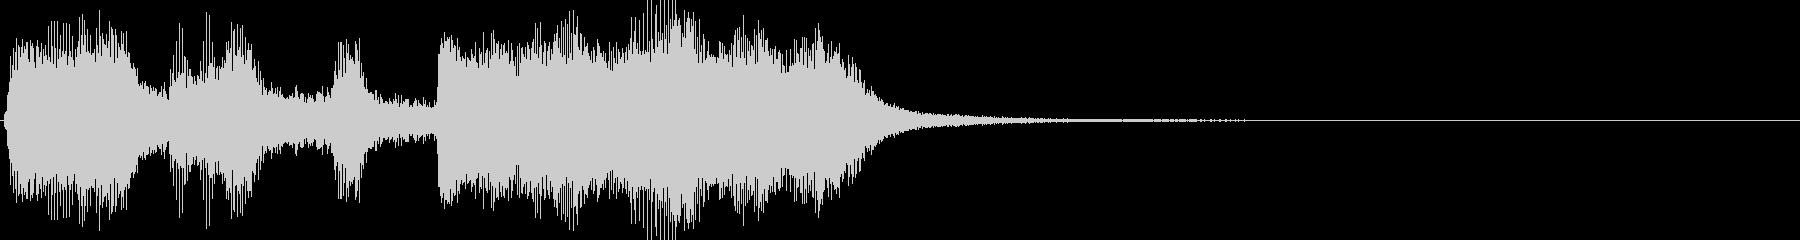 軽い/軽め/小さい ファンファーレ2の未再生の波形